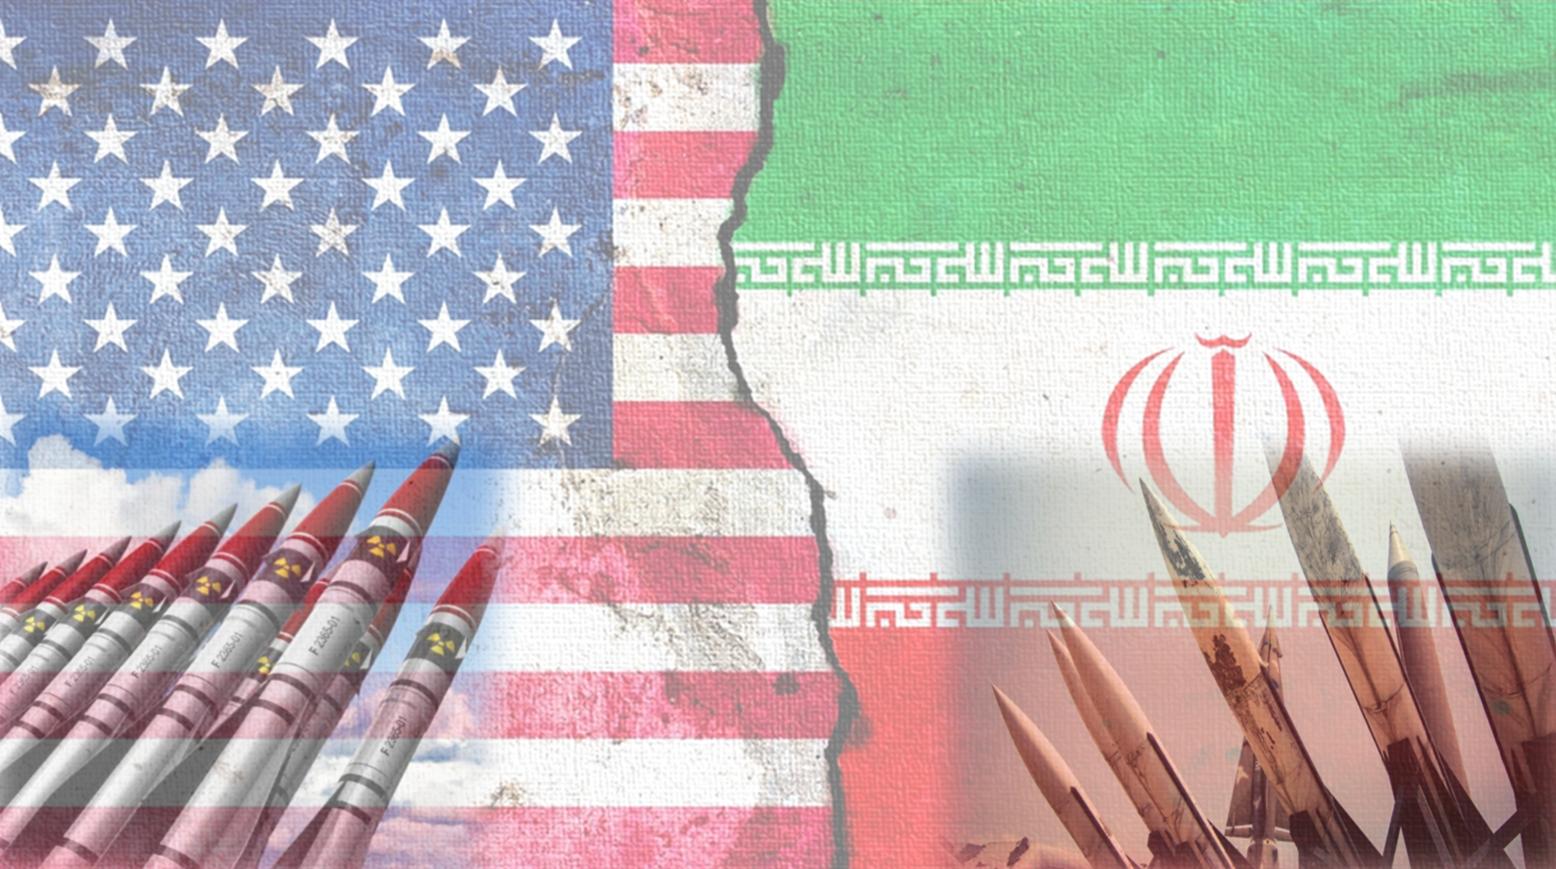 EEUU contra IRAN: el aspecto económico que nadie menciona